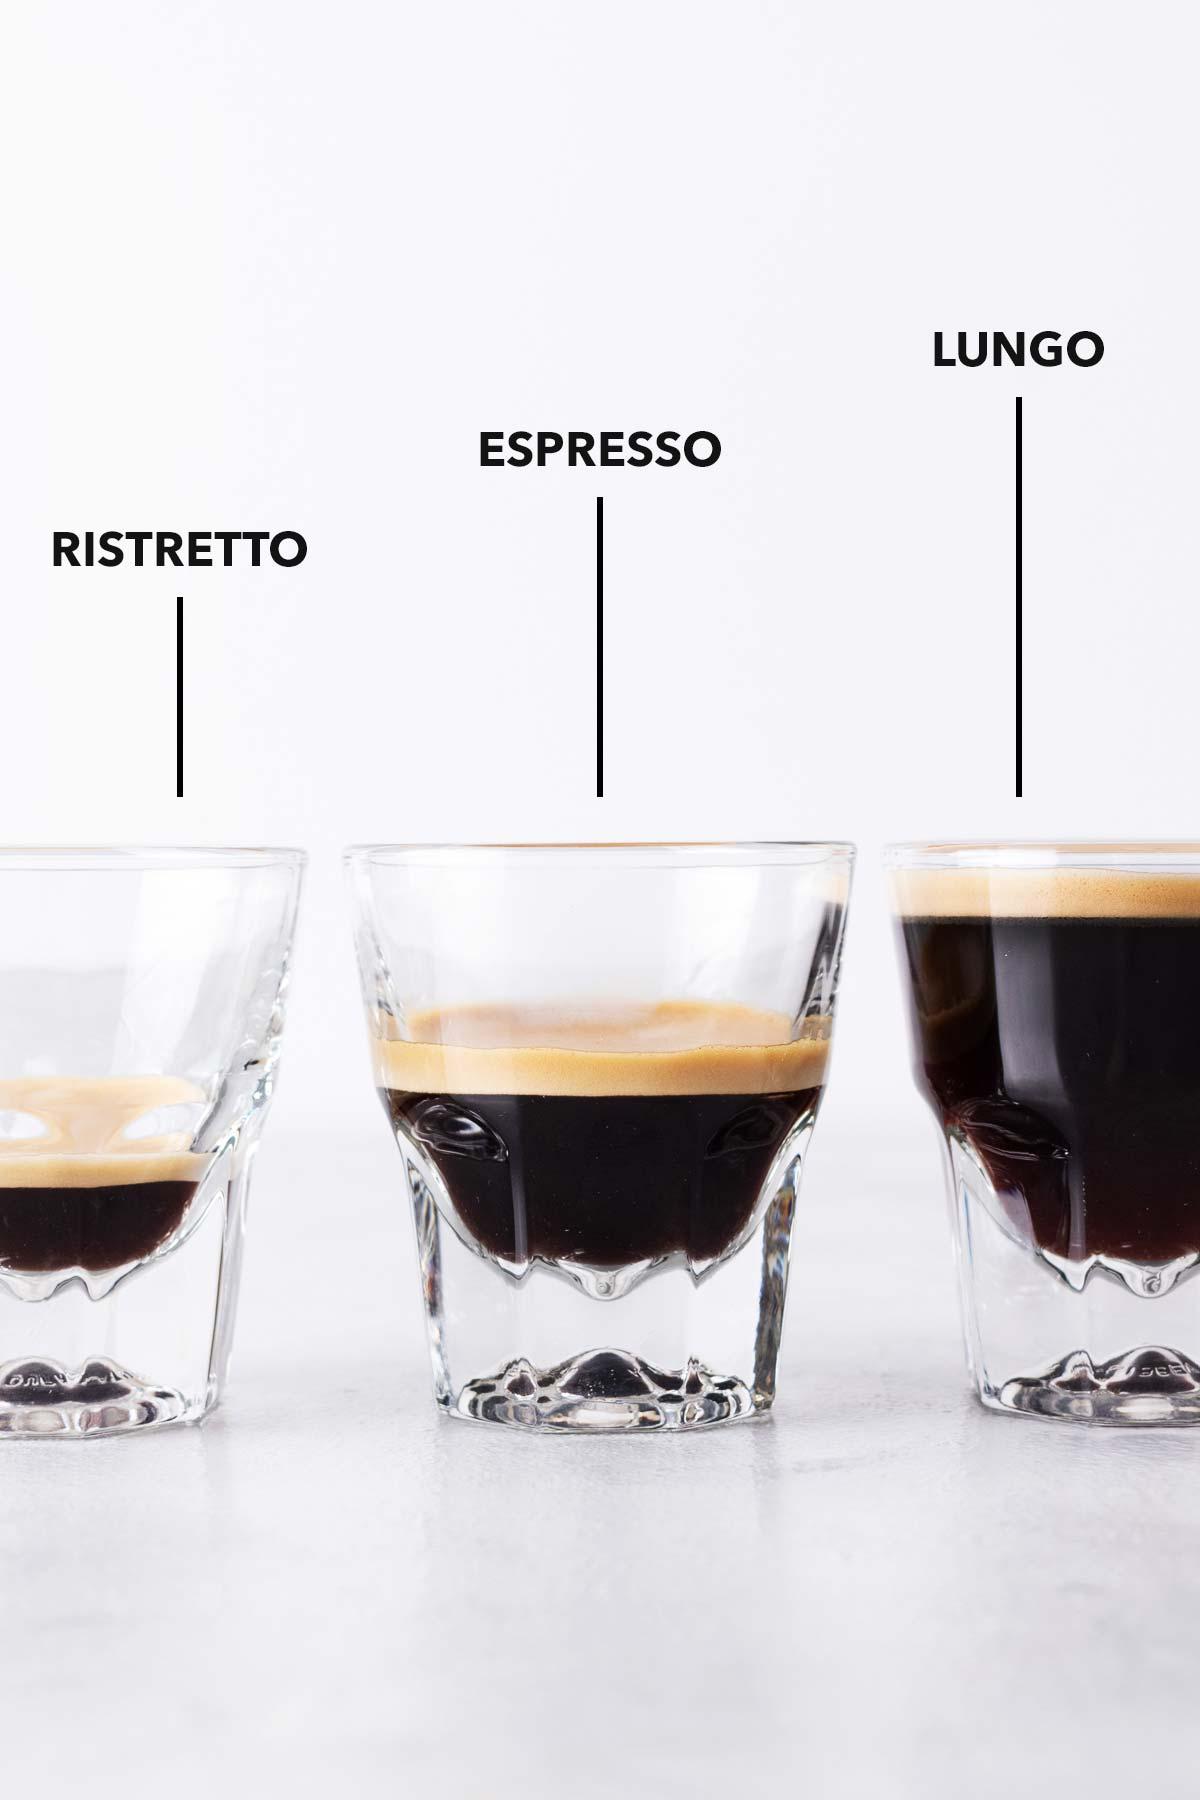 Labeled espresso cups with ristretto, espresso, and lungo.